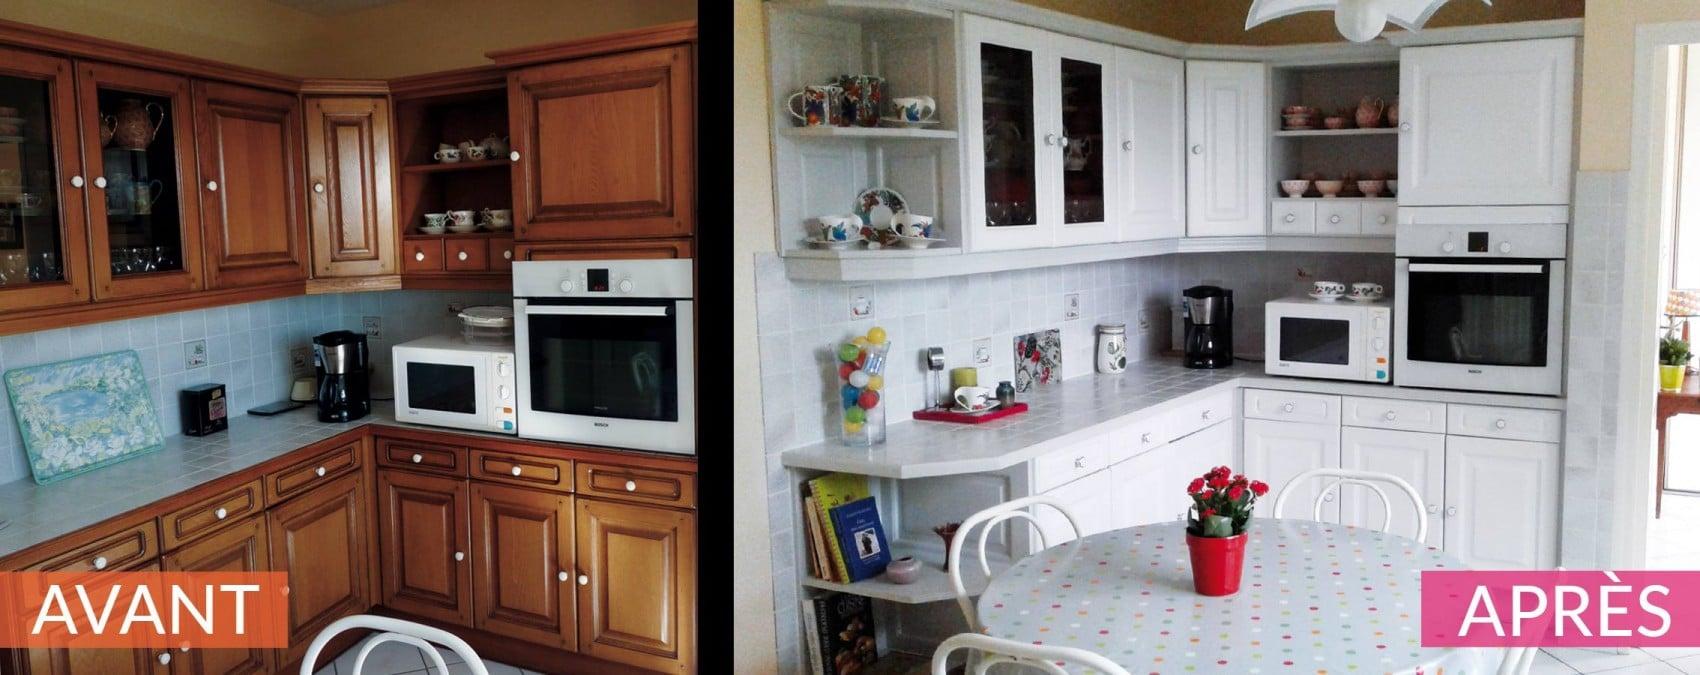 Relooking de cuisine du printemps atelier aux couleurs atelier aux coul - Relooking de cuisine ...